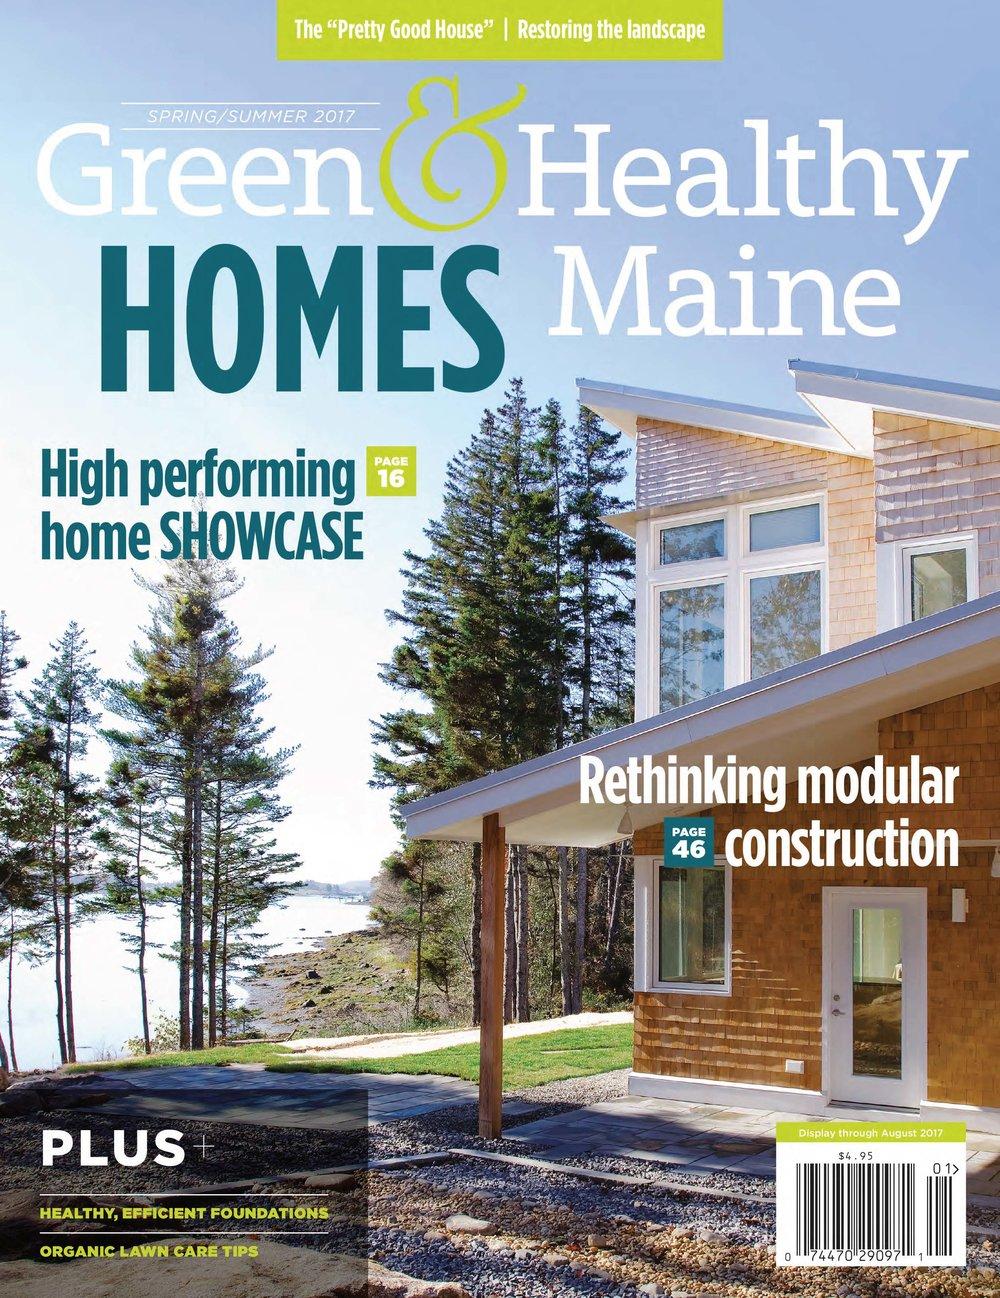 2017GHM_HOMES Cover_RBG.jpg